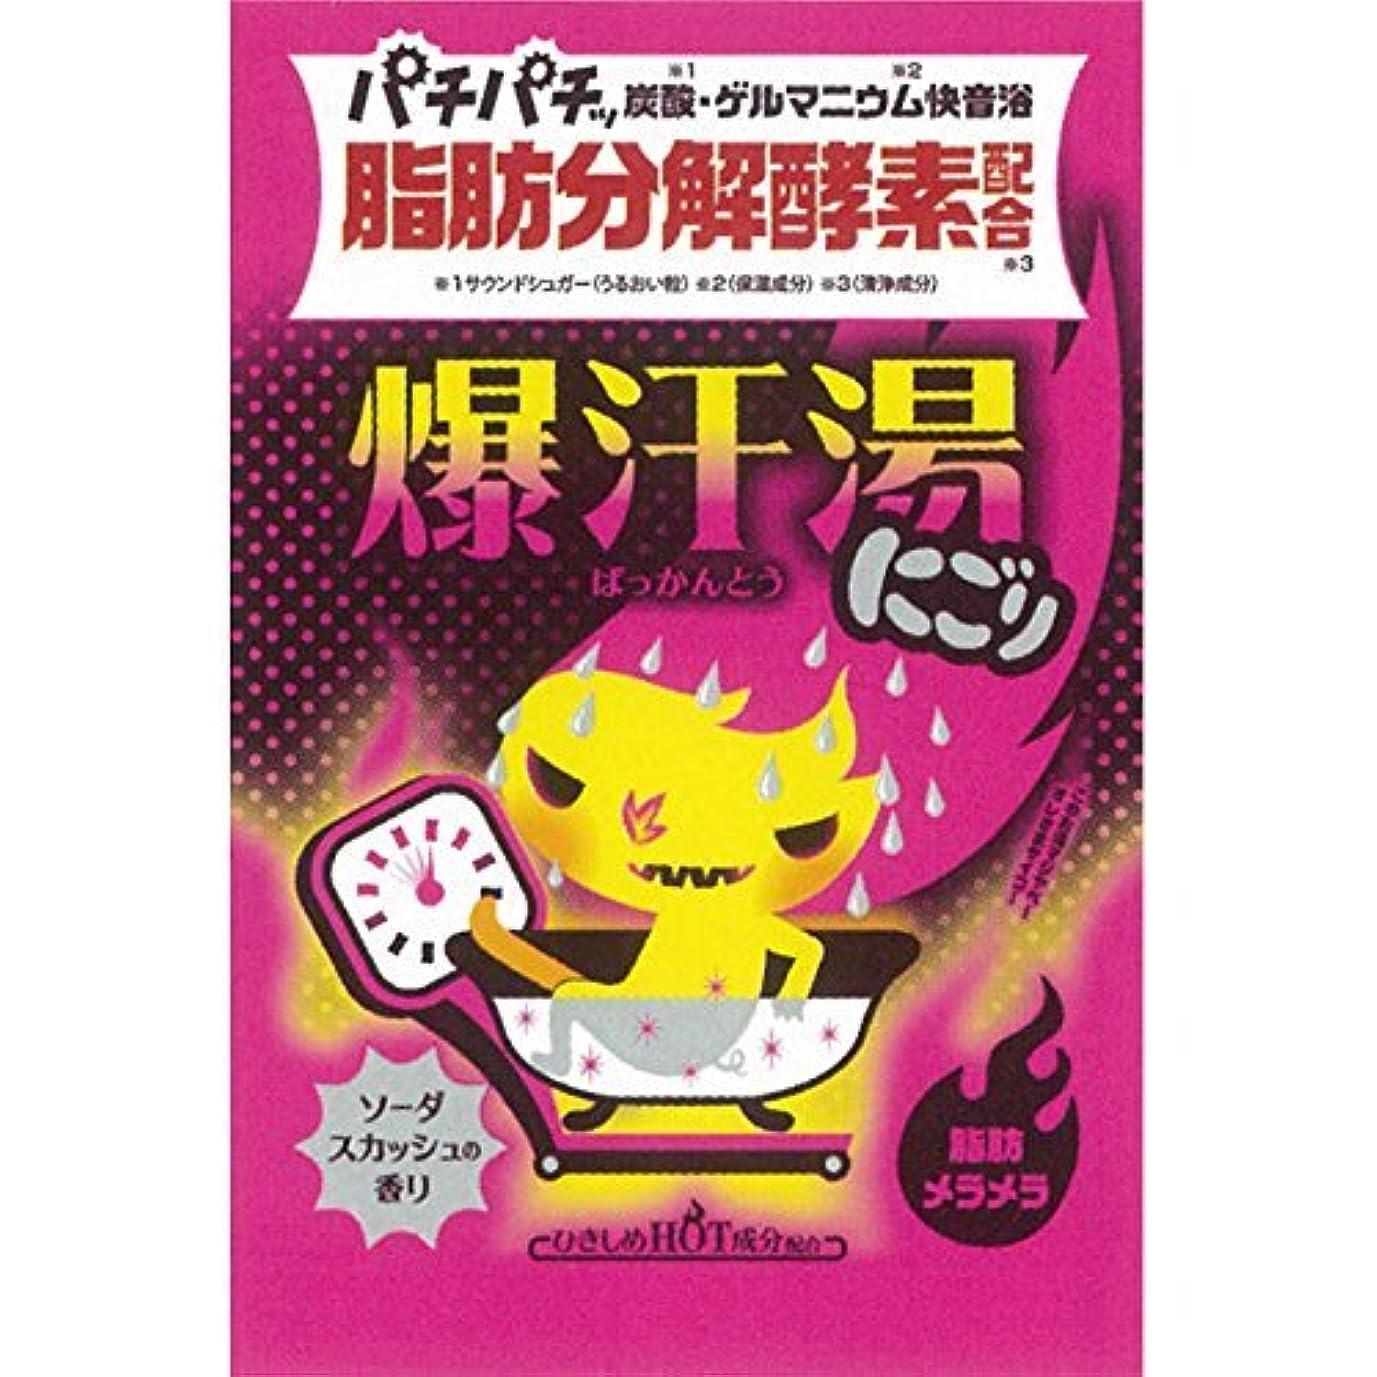 病者食事を調理する相談する爆汗湯 ゲルマニウム快音浴 にごり ソーダスカッシュの香り(入浴剤)